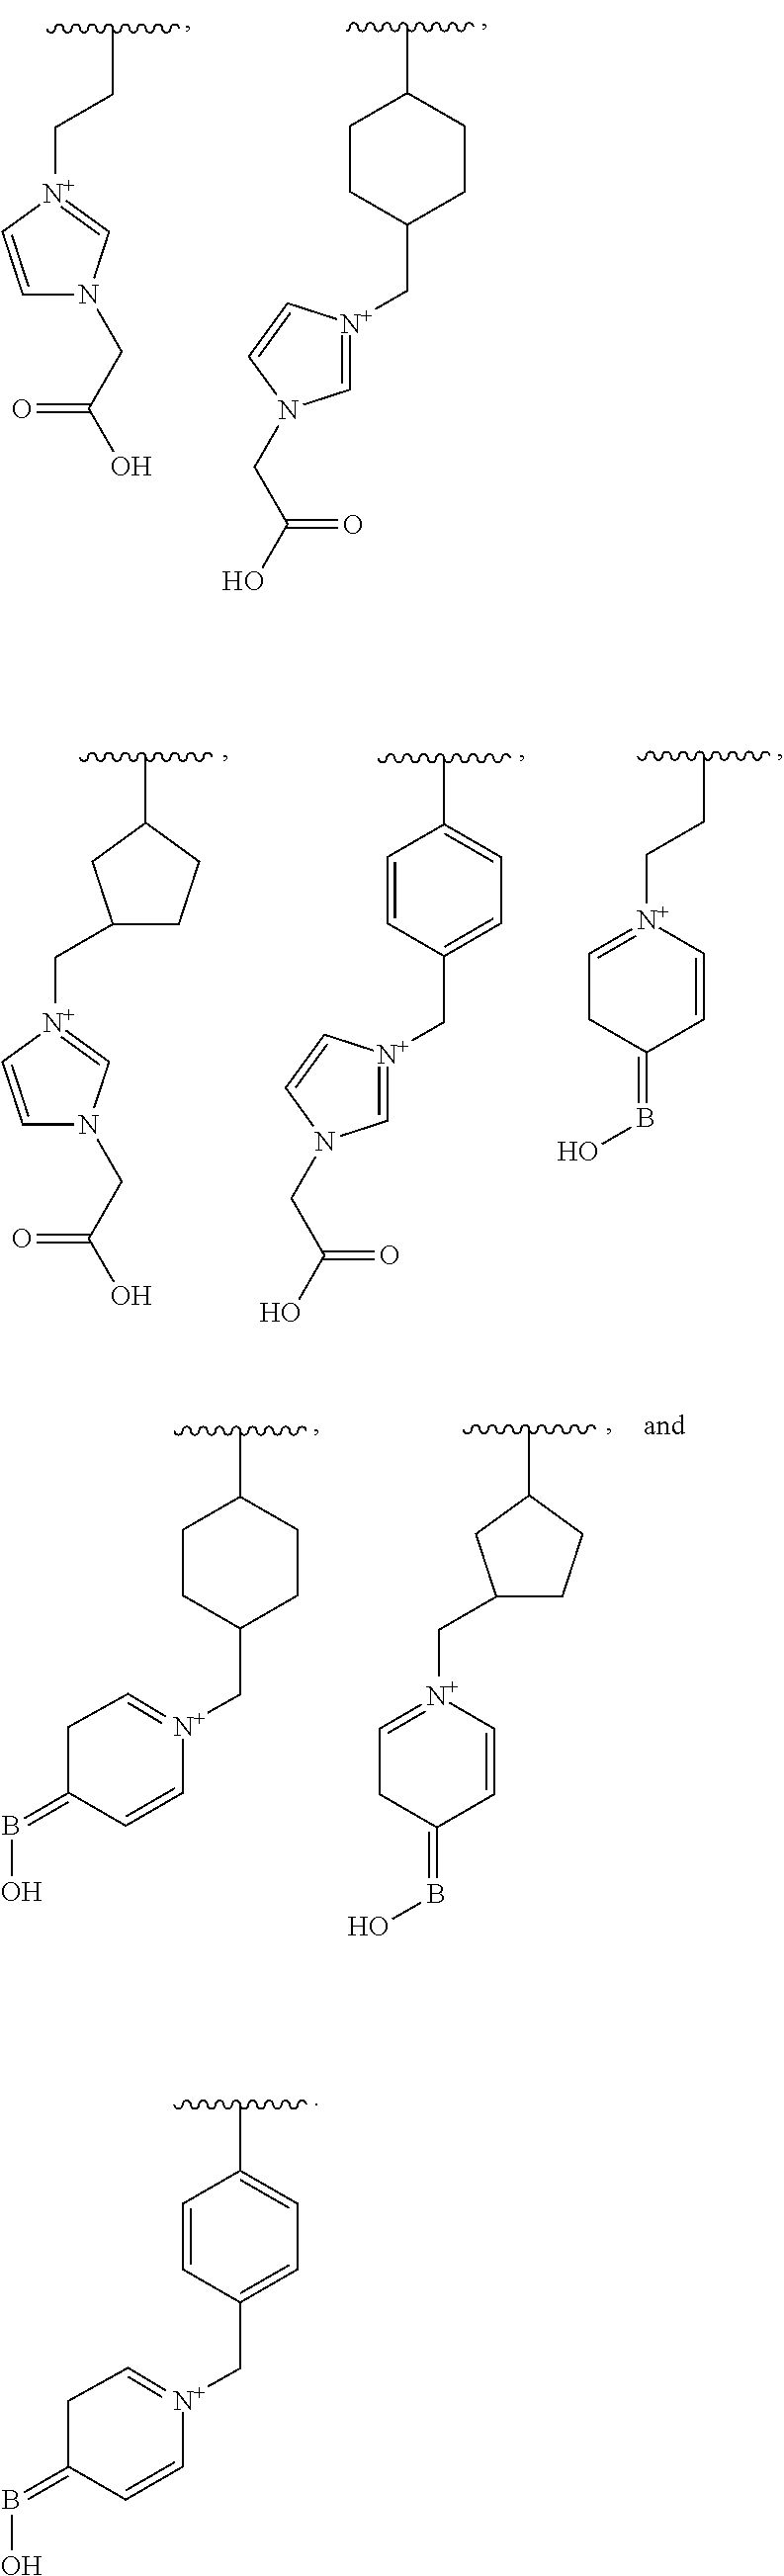 Figure US08476388-20130702-C00027